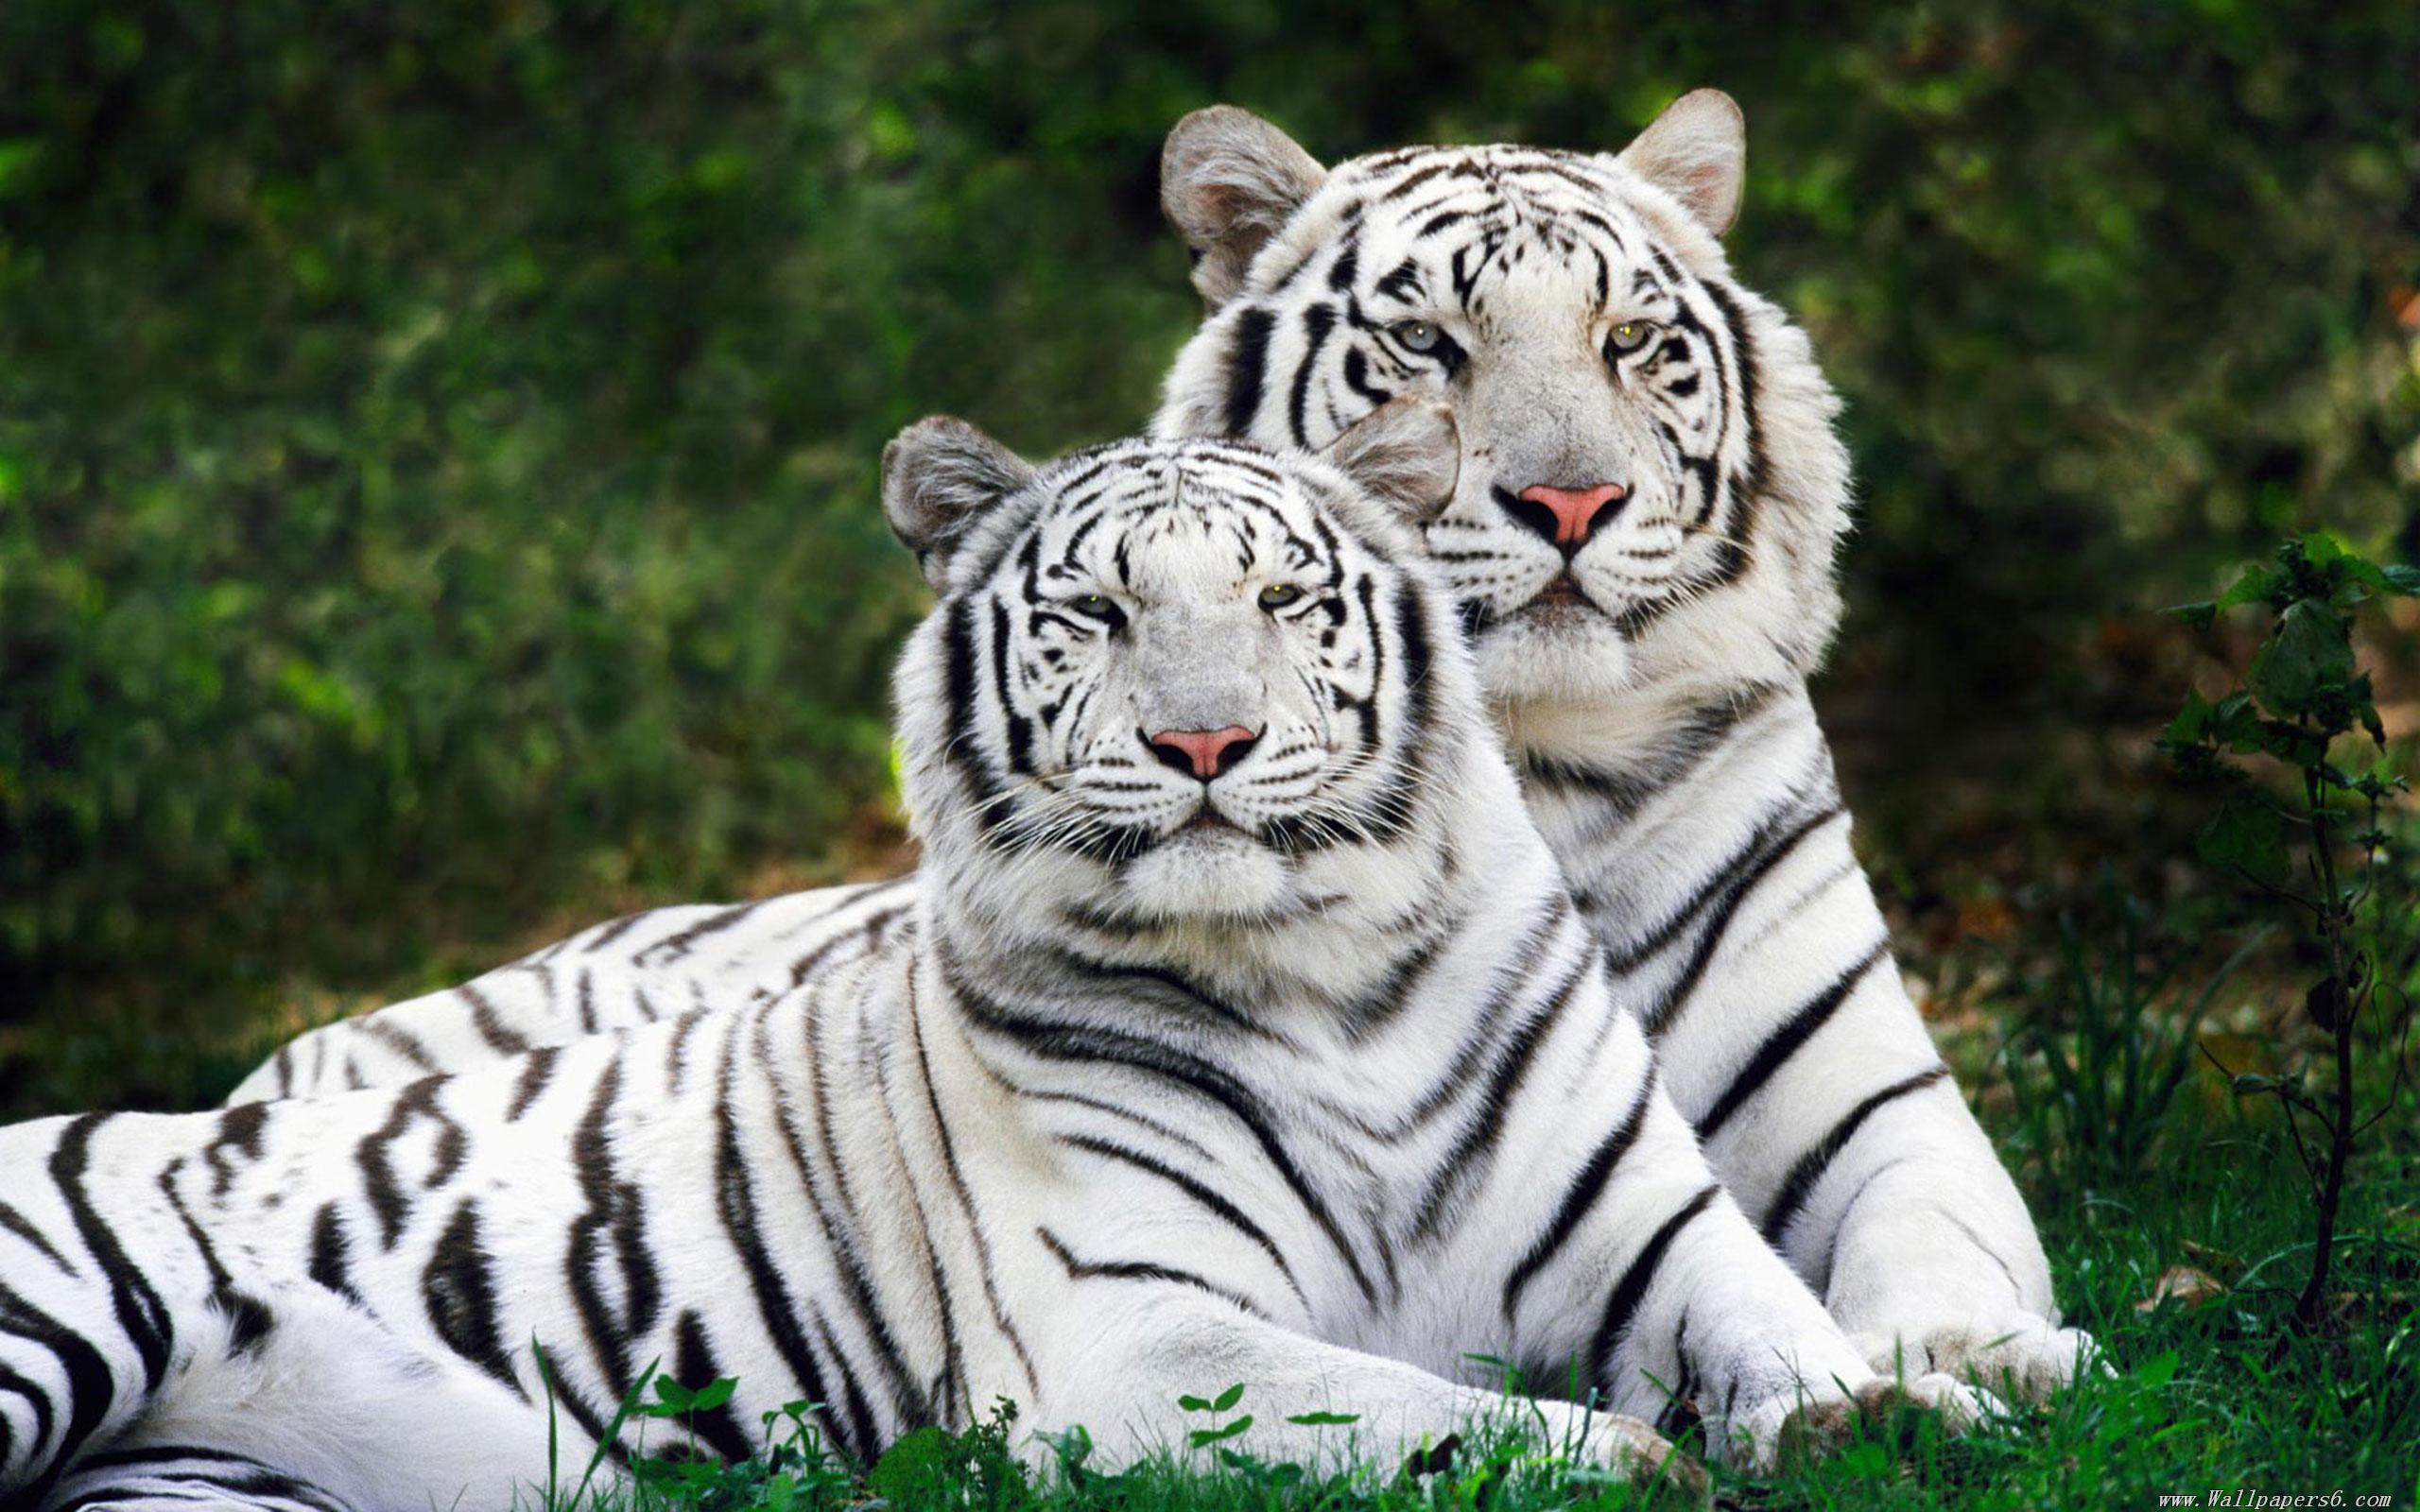 北京八达岭野生动物世界是中国较大的野生动物繁育基地之一,现已繁殖